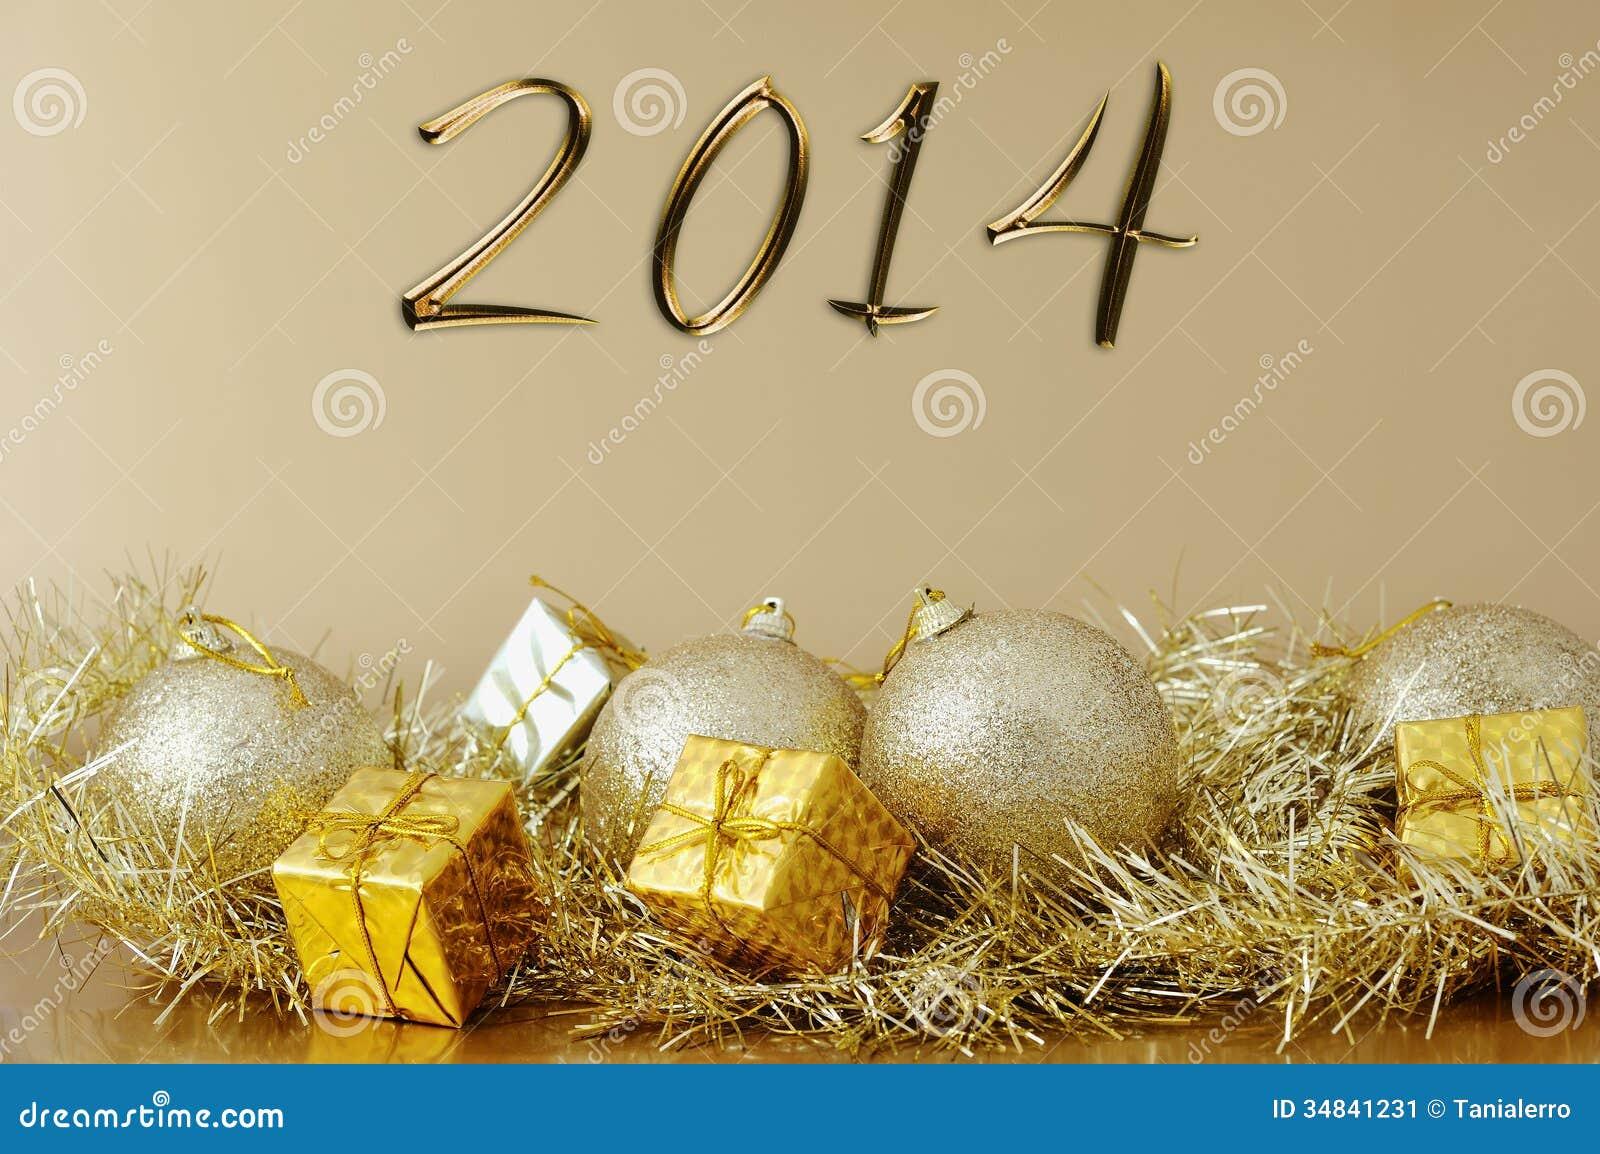 Feliz a o nuevo 2014 decoraci n de la navidad imagen de archivo imagen 34841231 - Decoracion de navidad 2014 ...